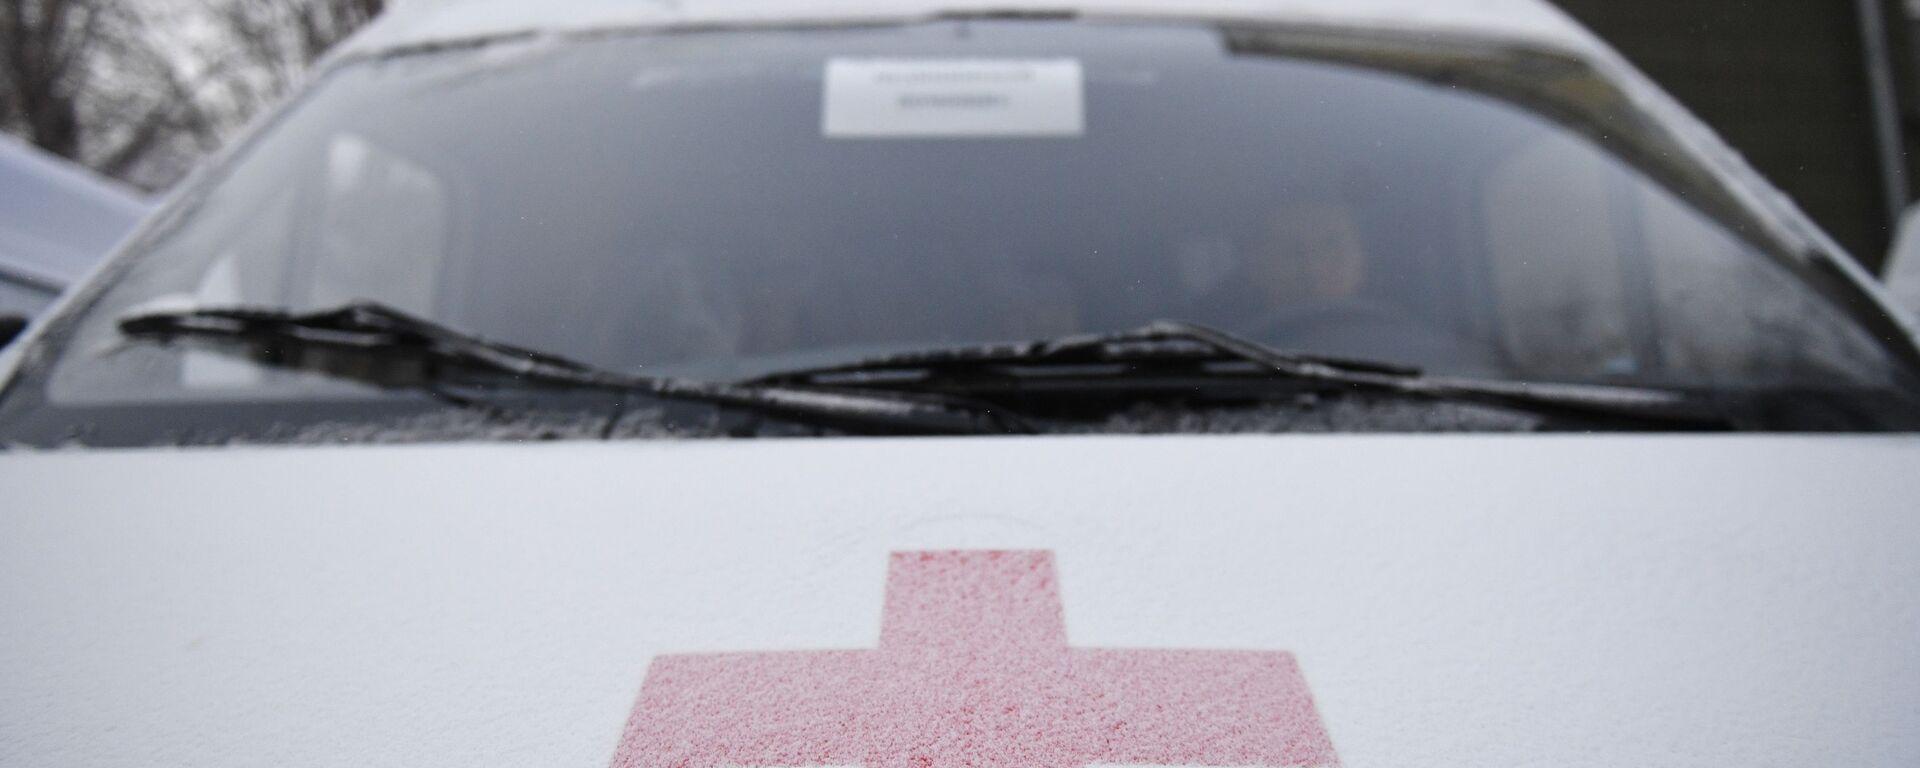 Эмблема Международной организации Красного креста на автомобиле скорой помощи - Sputnik Узбекистан, 1920, 05.04.2021